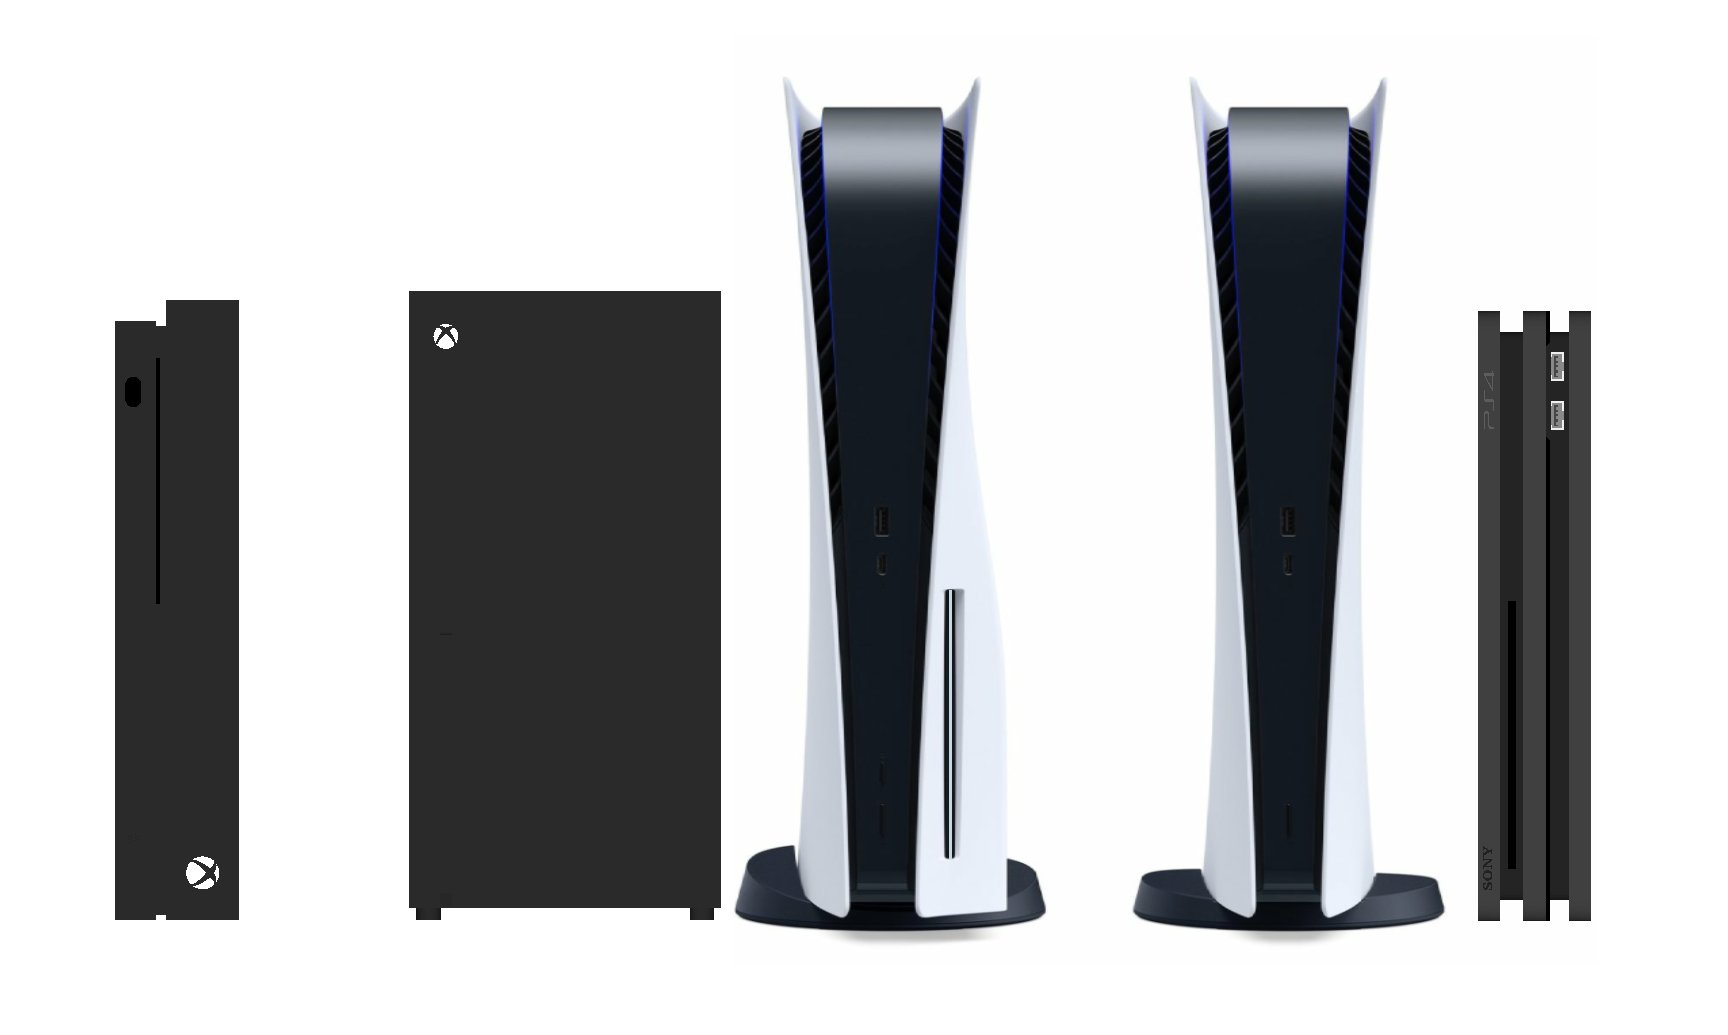 Альберт Пенелло: «Не думал, что увижу менее мощный, но больший по размеру Playstation»